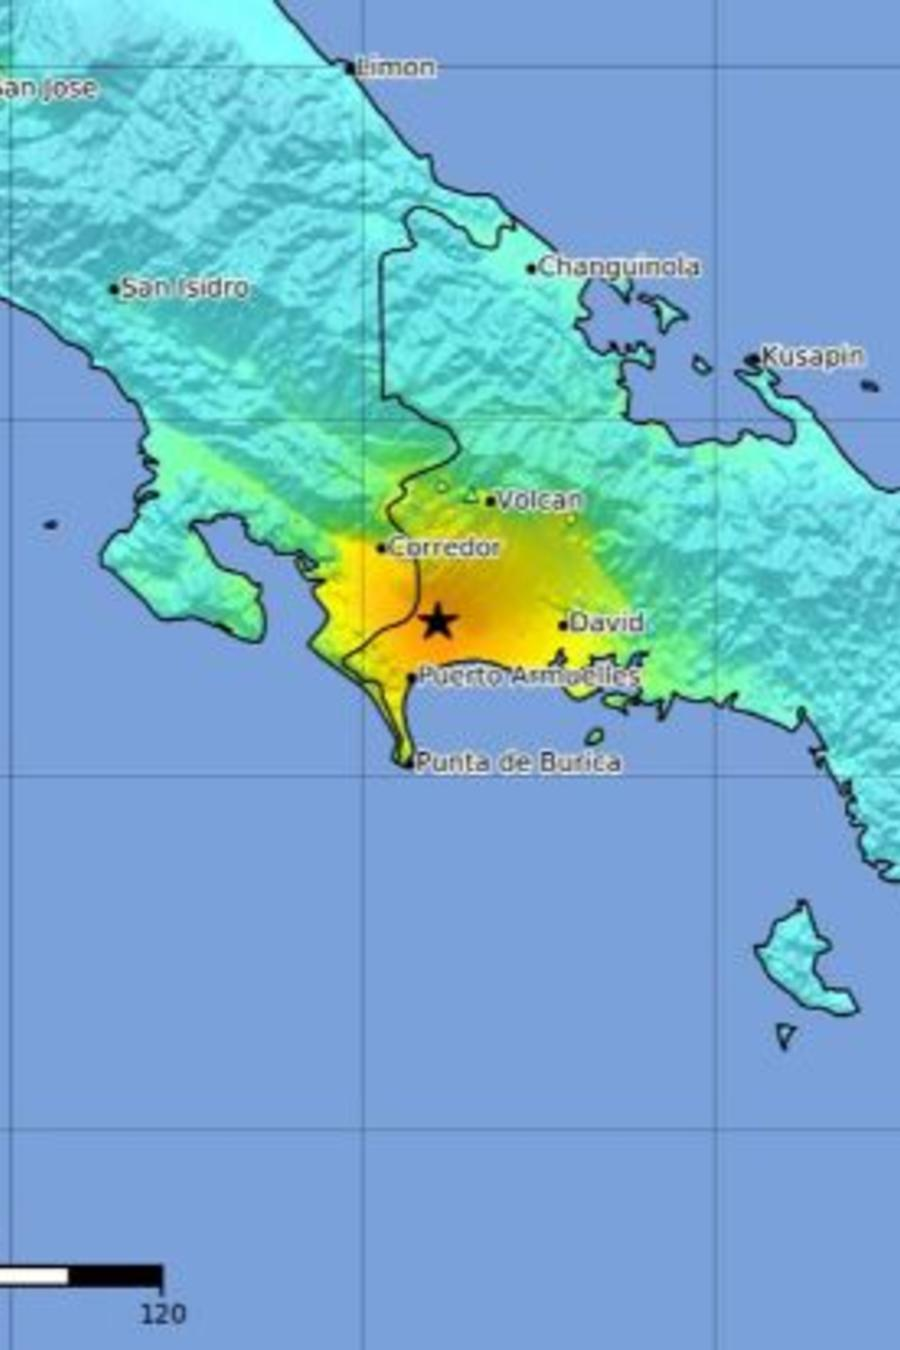 Imagen facilitada este miércoles por el Servicio Geológico de Estados Unidos (USGS) que muestra el epicentro de un terremoto en la frontera entre Panamá y Costa Rica.